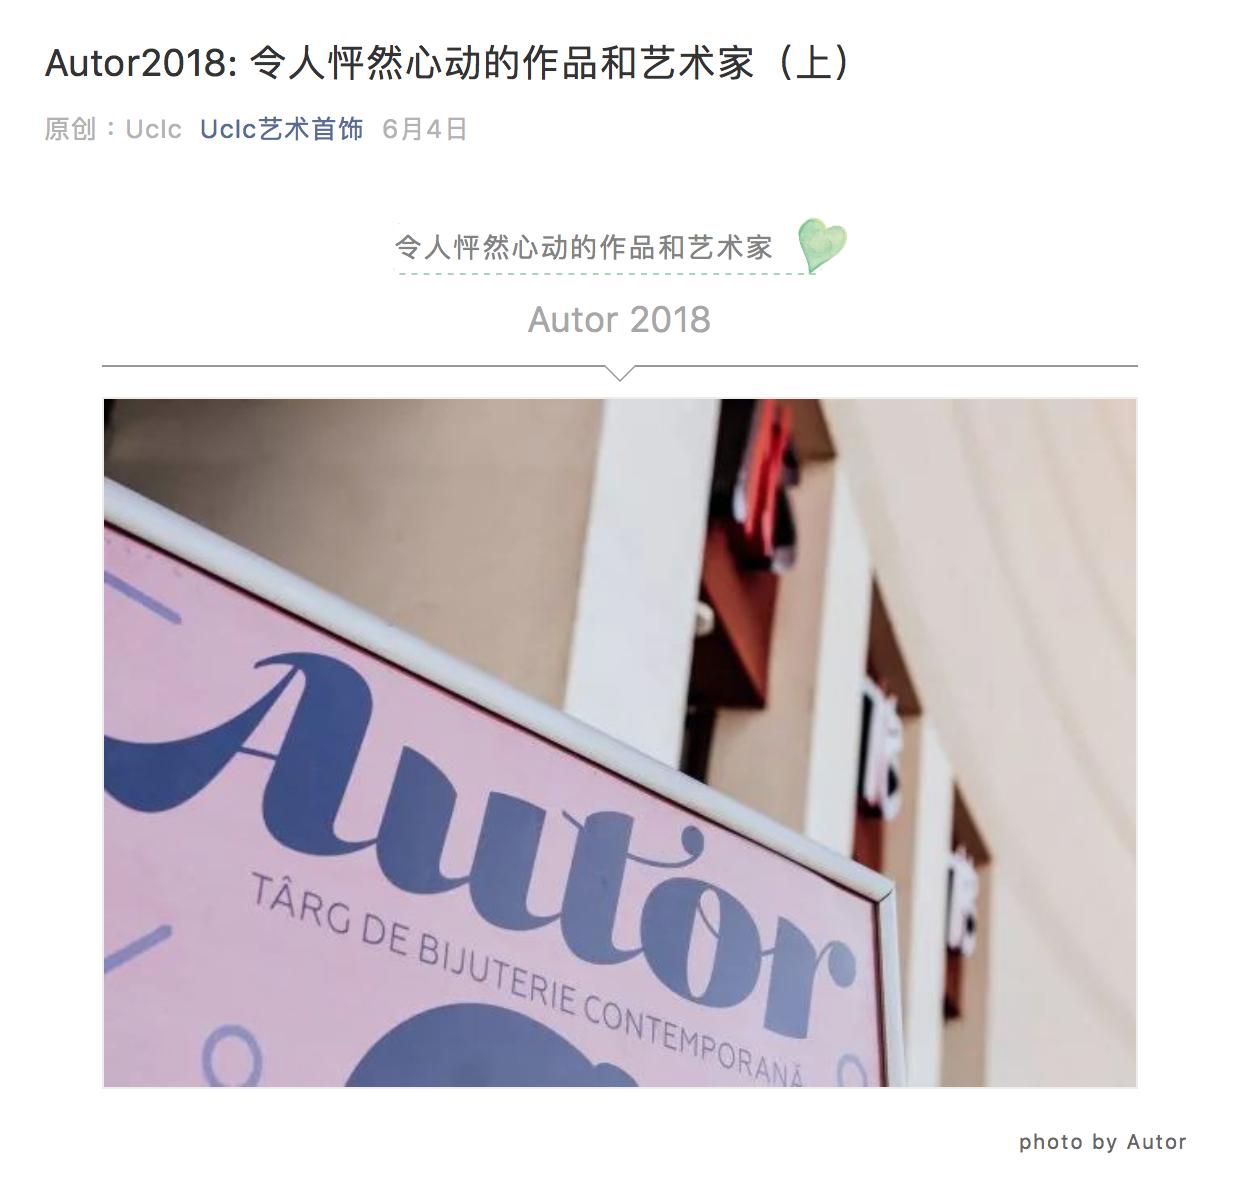 Uclc Art Jewellery Platform Interview - June 2018